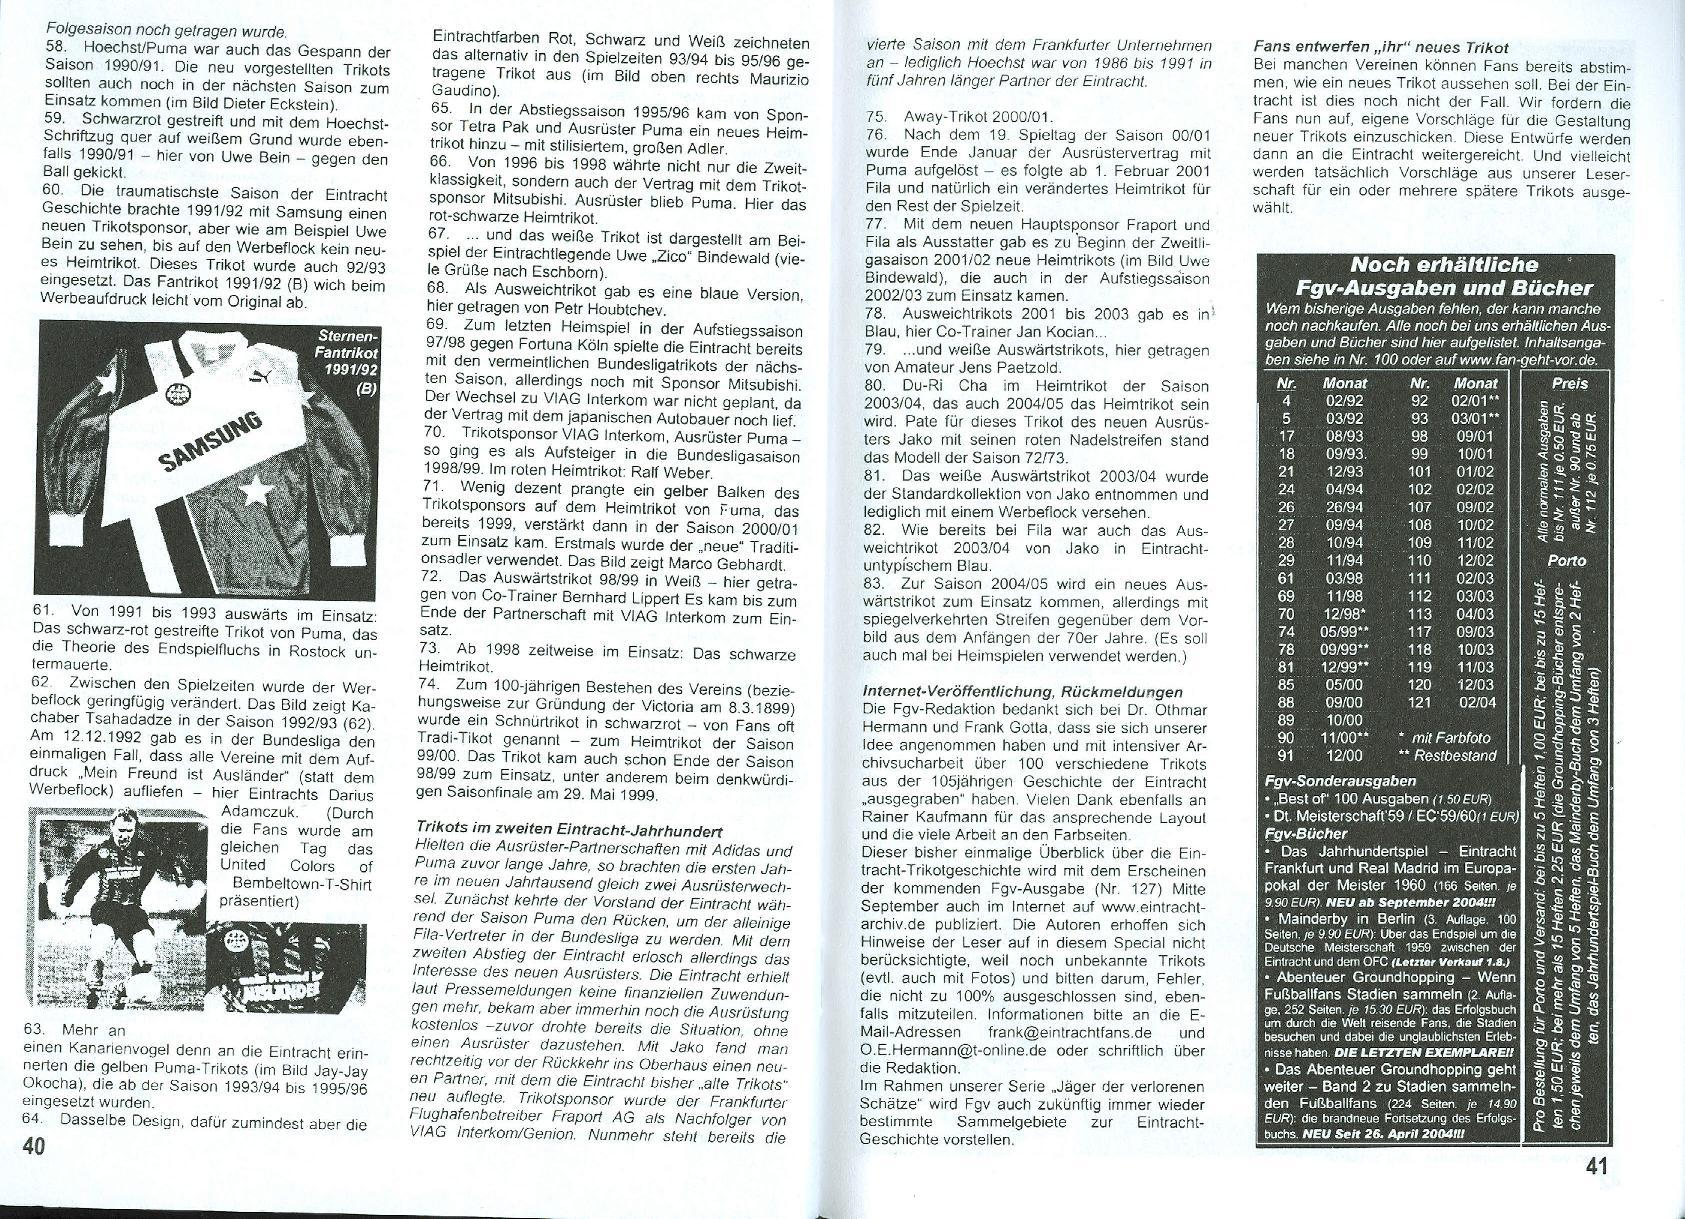 Trikotgeschichte aus Fgv Nr. 126 August 2004_0001-page-005